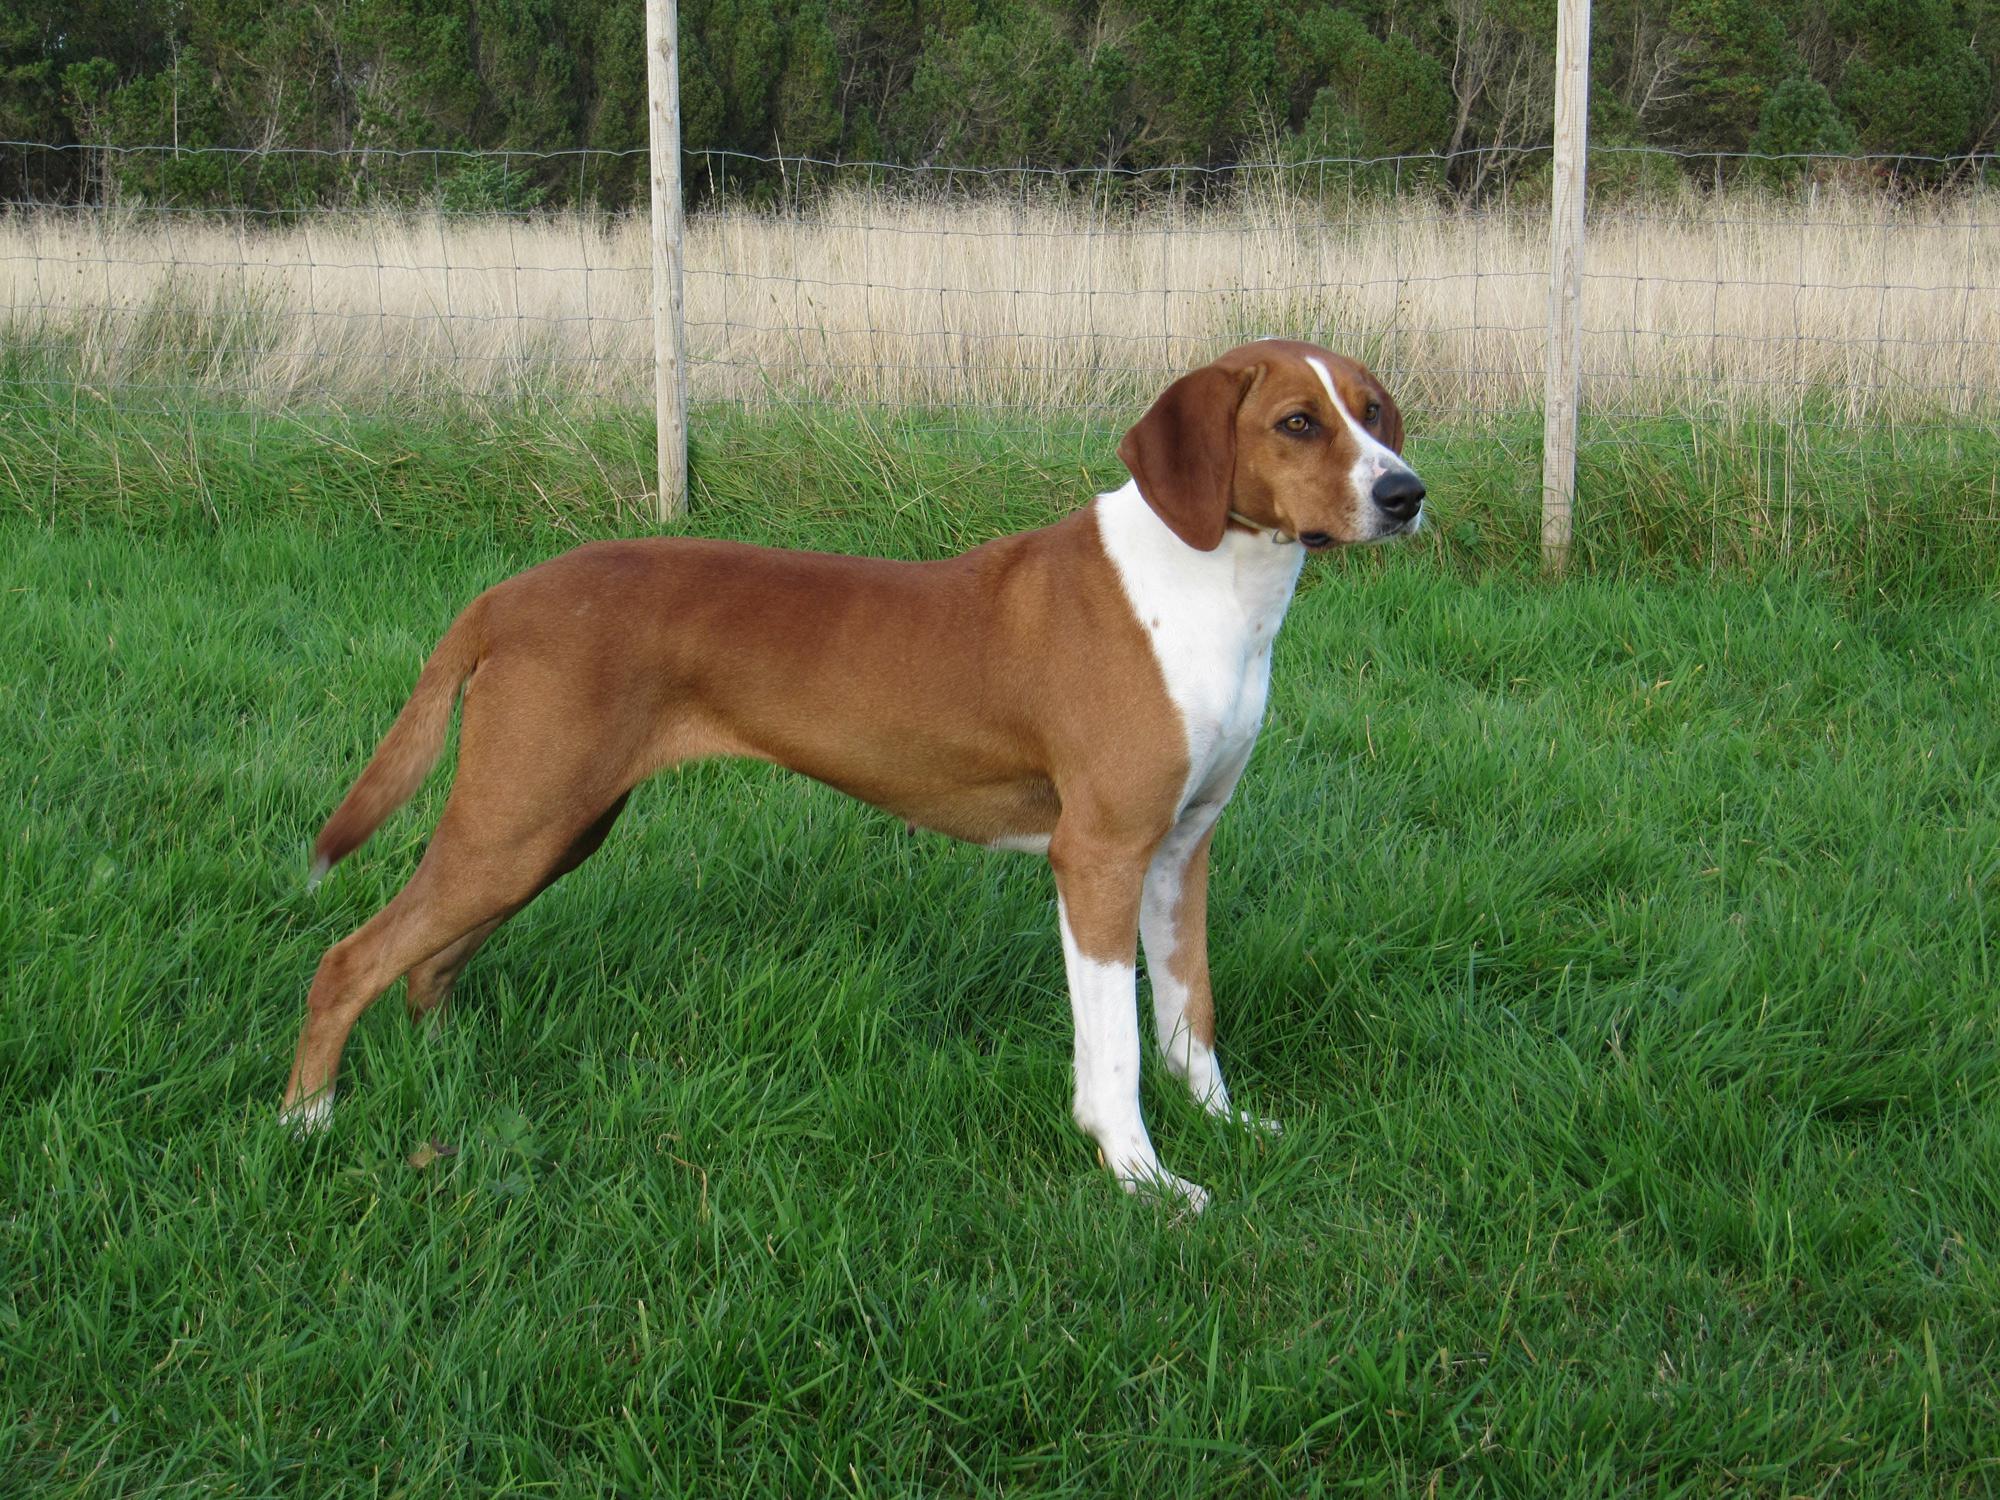 Deutsche Bracke Puppies: Deutsche Deutsche Bracke Dog In The Grass Breed